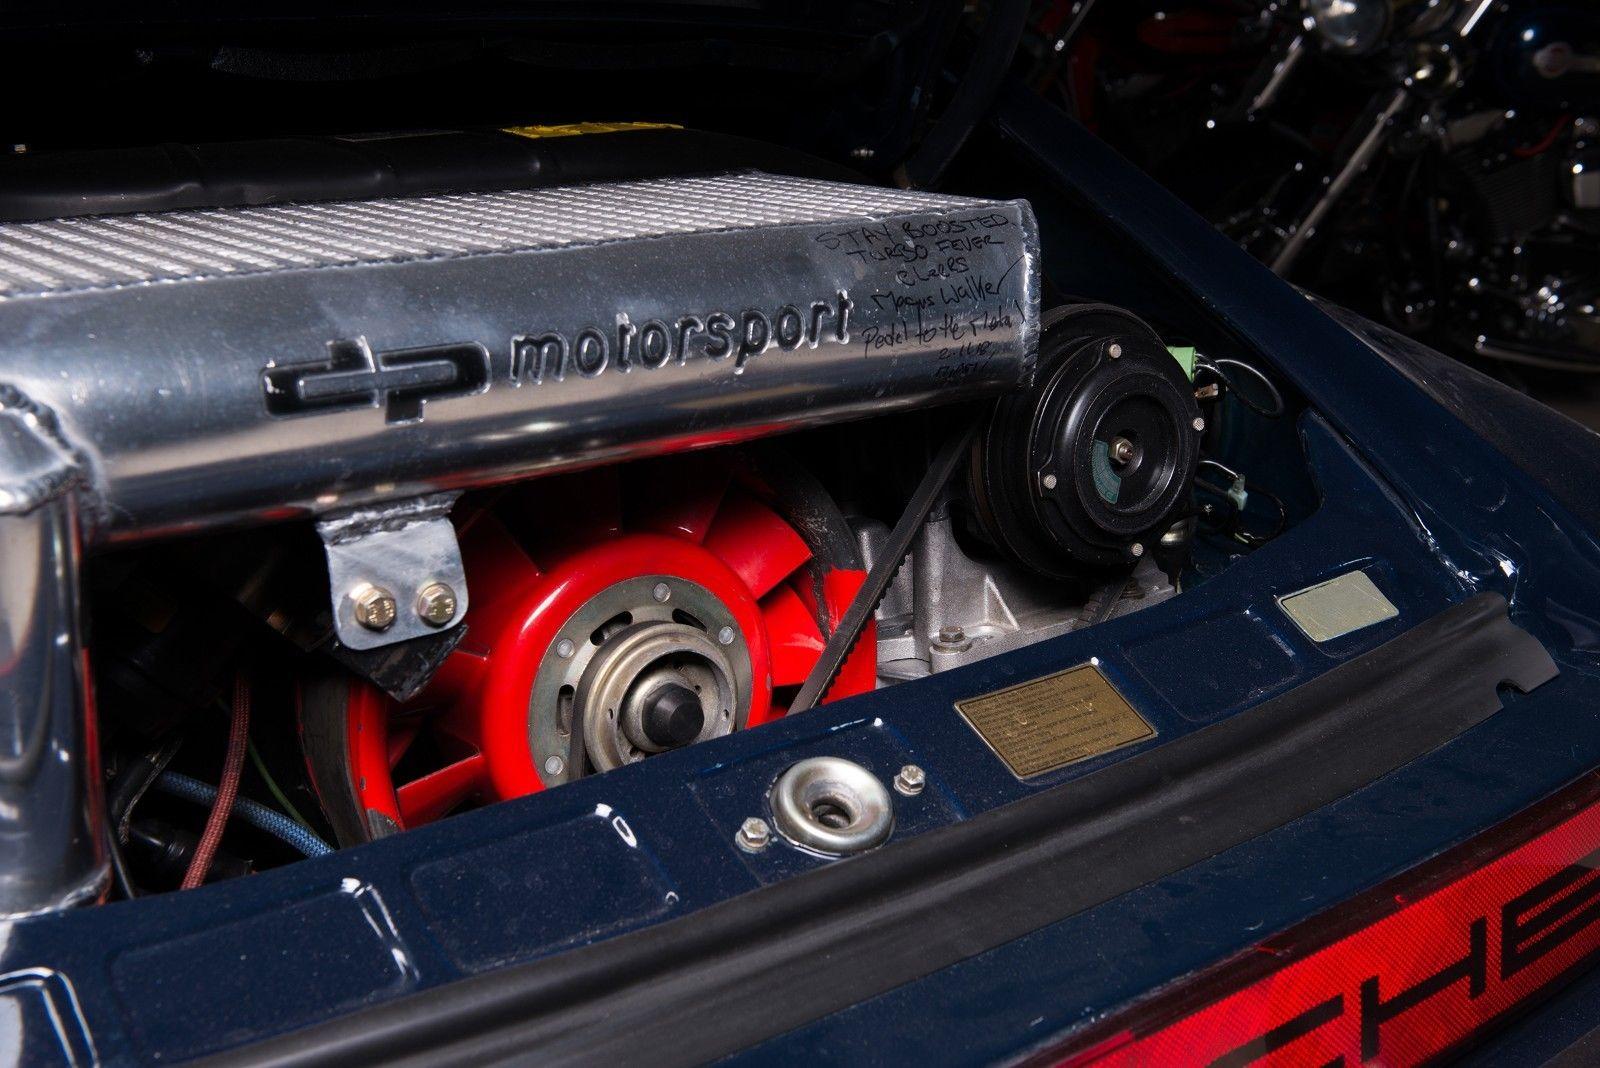 1985 Porsche 930 Turbo 935 DP Motorsports engine